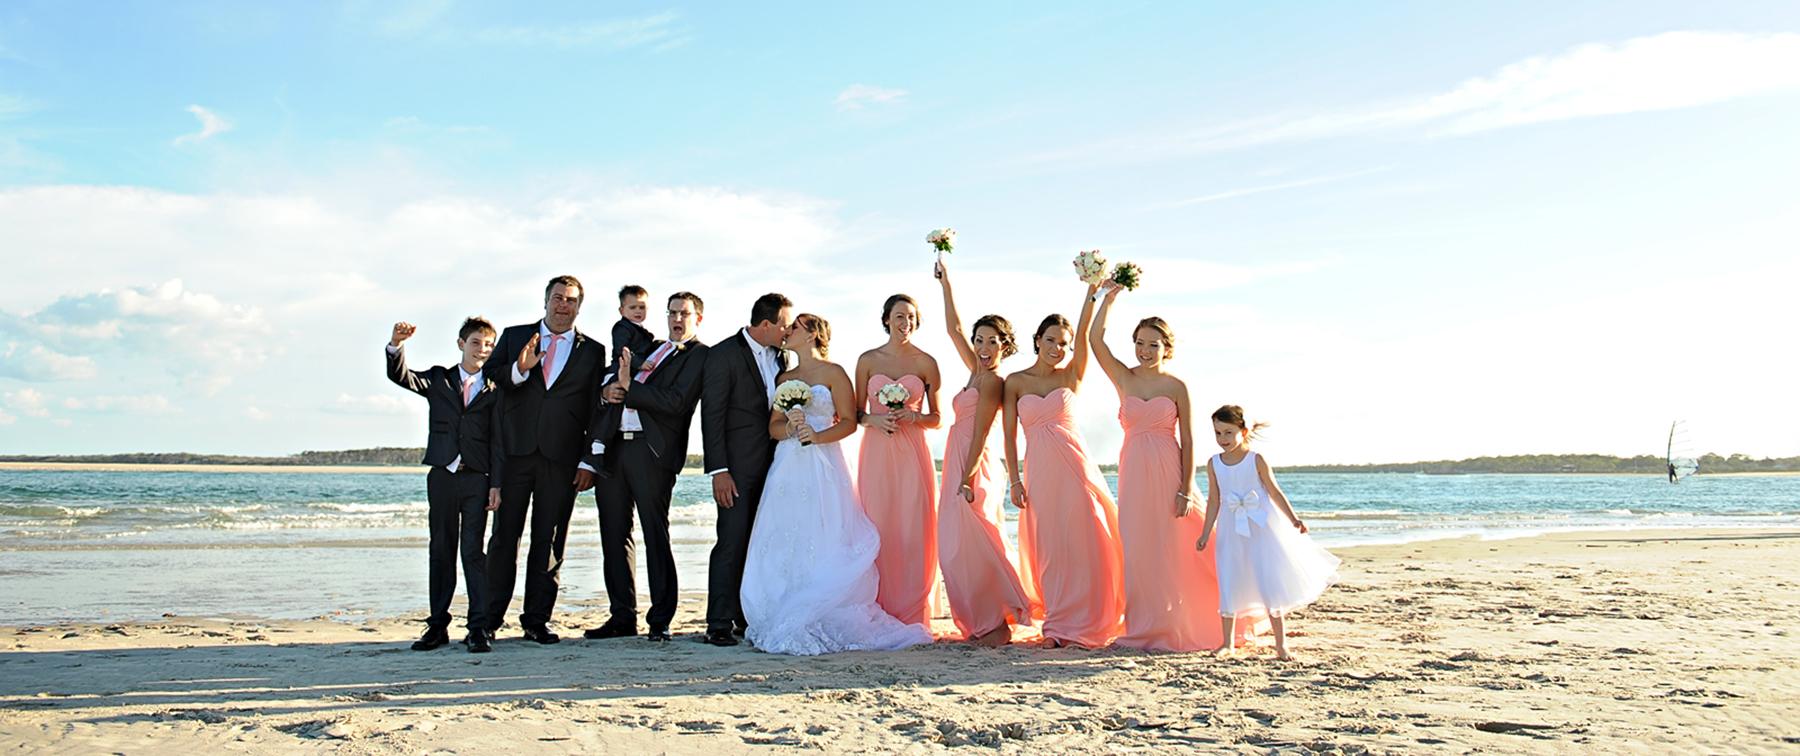 bundaberg wedding photography 1